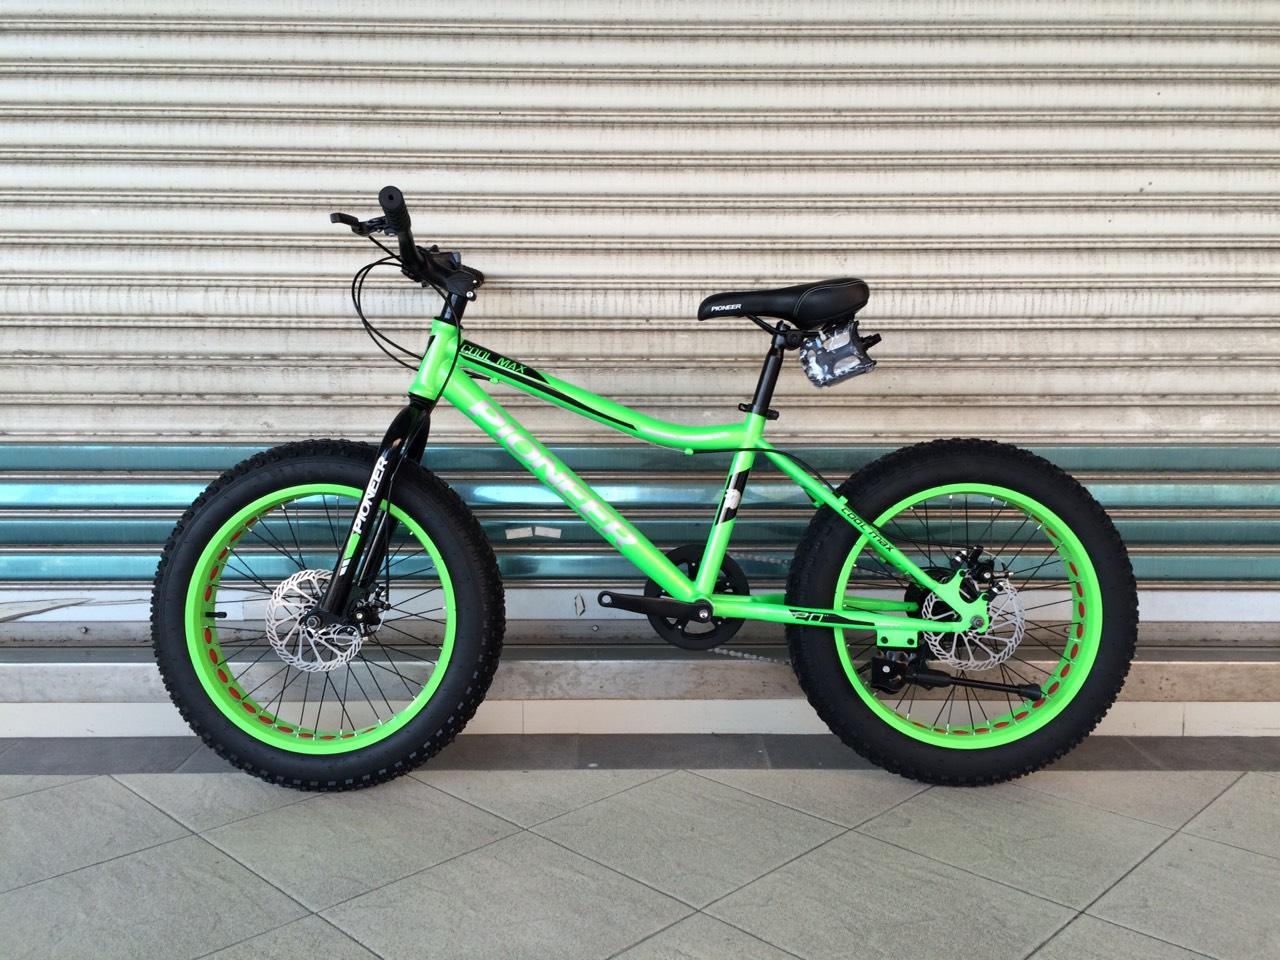 จักยานล้อโตเด็ก PIONEER รุ่น Cool Max ล้อโต 20x4.0 7 สปีด